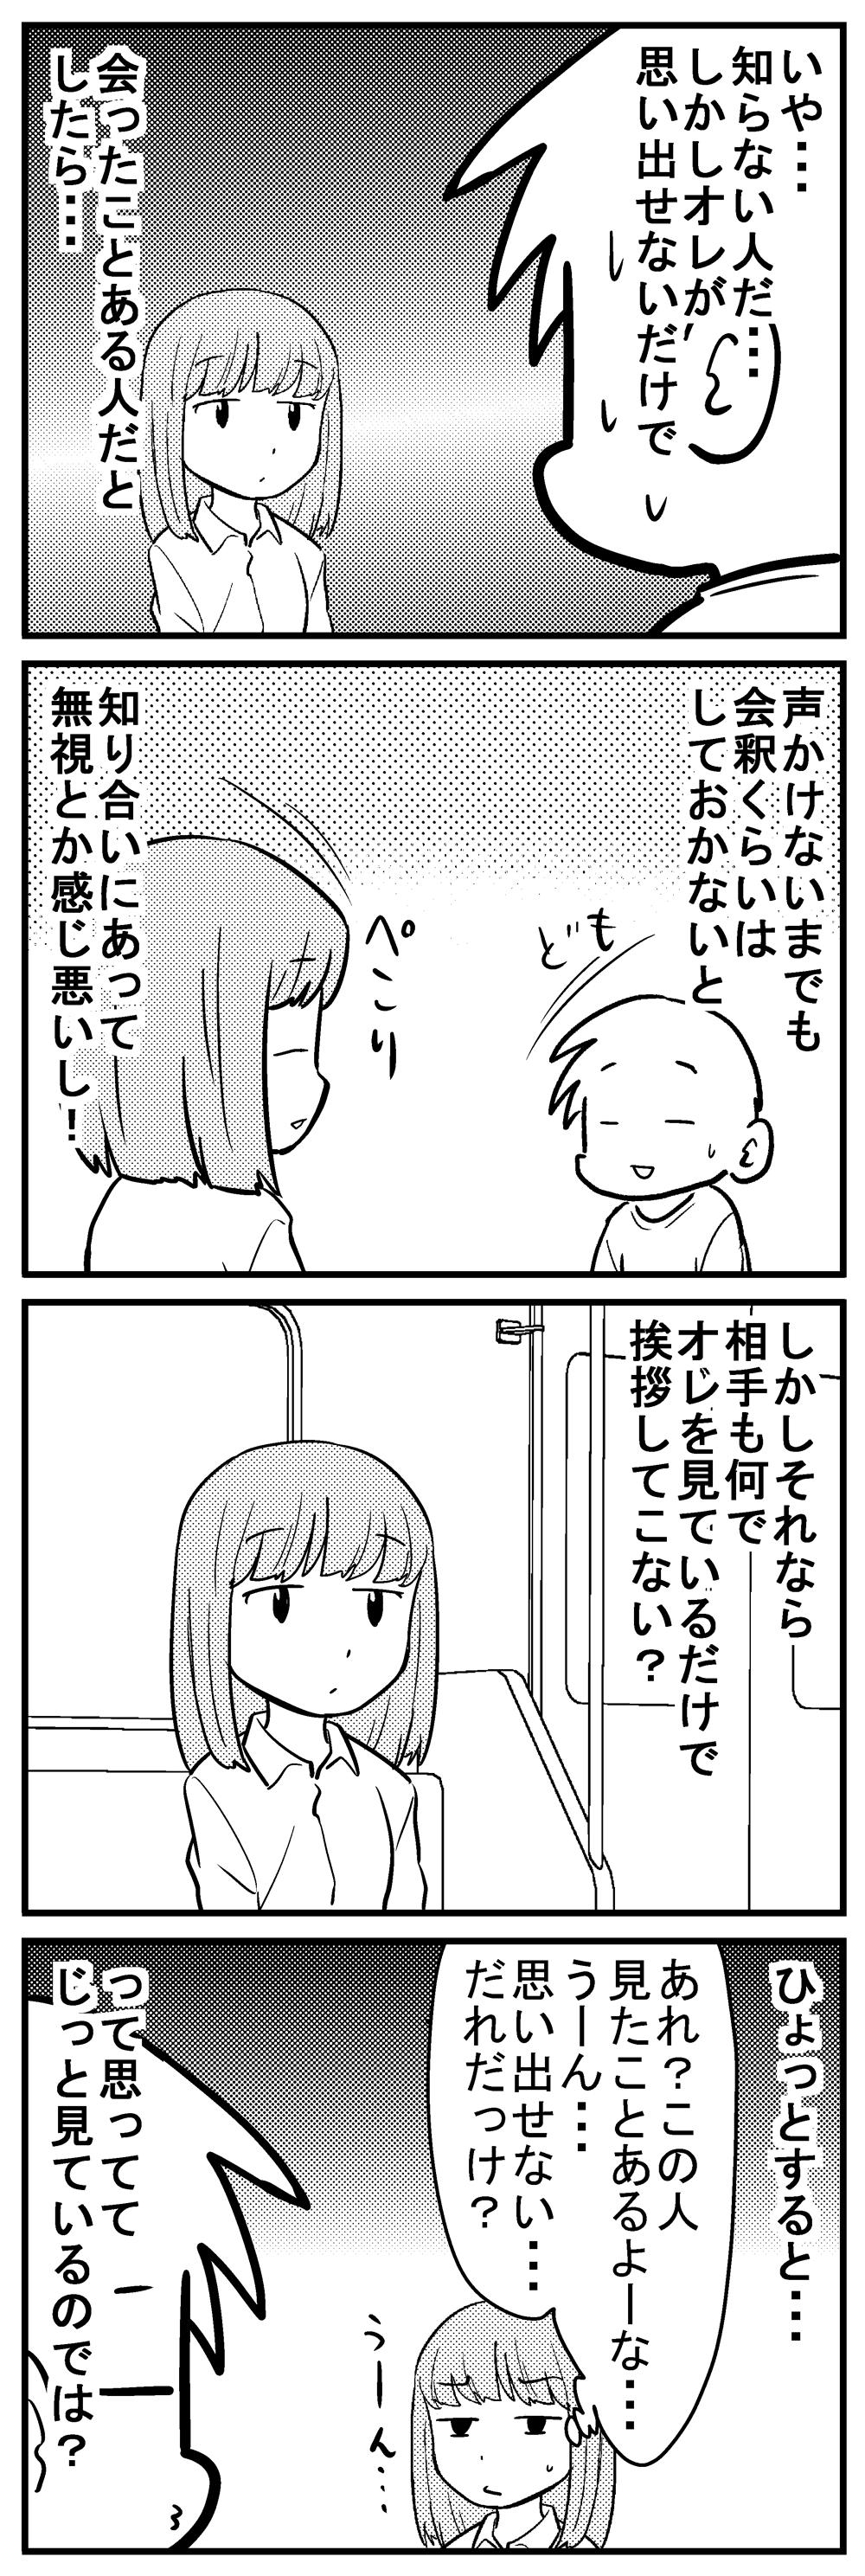 深読みくん103 2